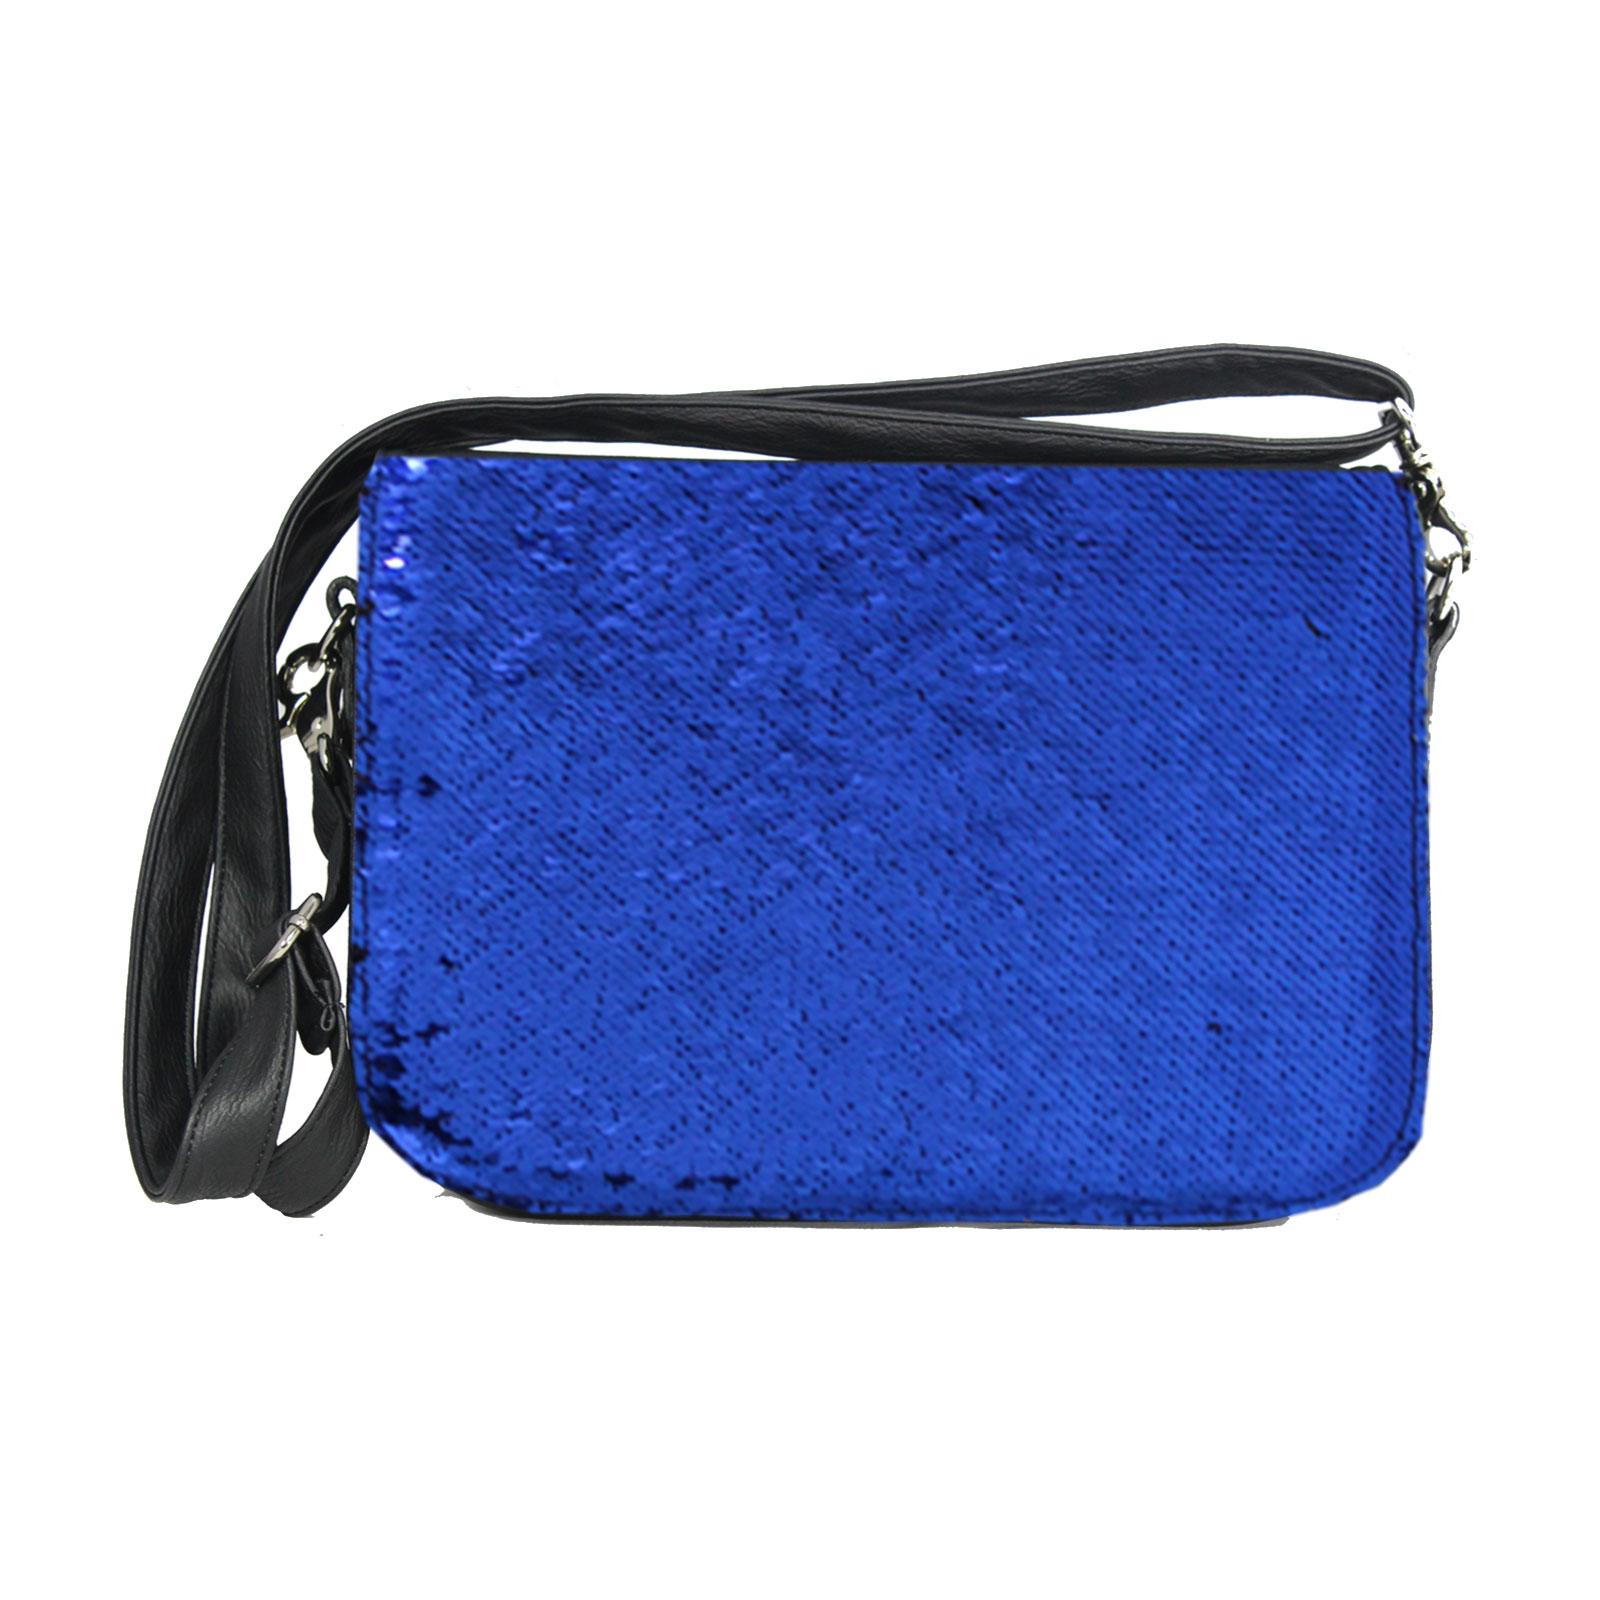 Paillettendesign in Blau mit Handtasche